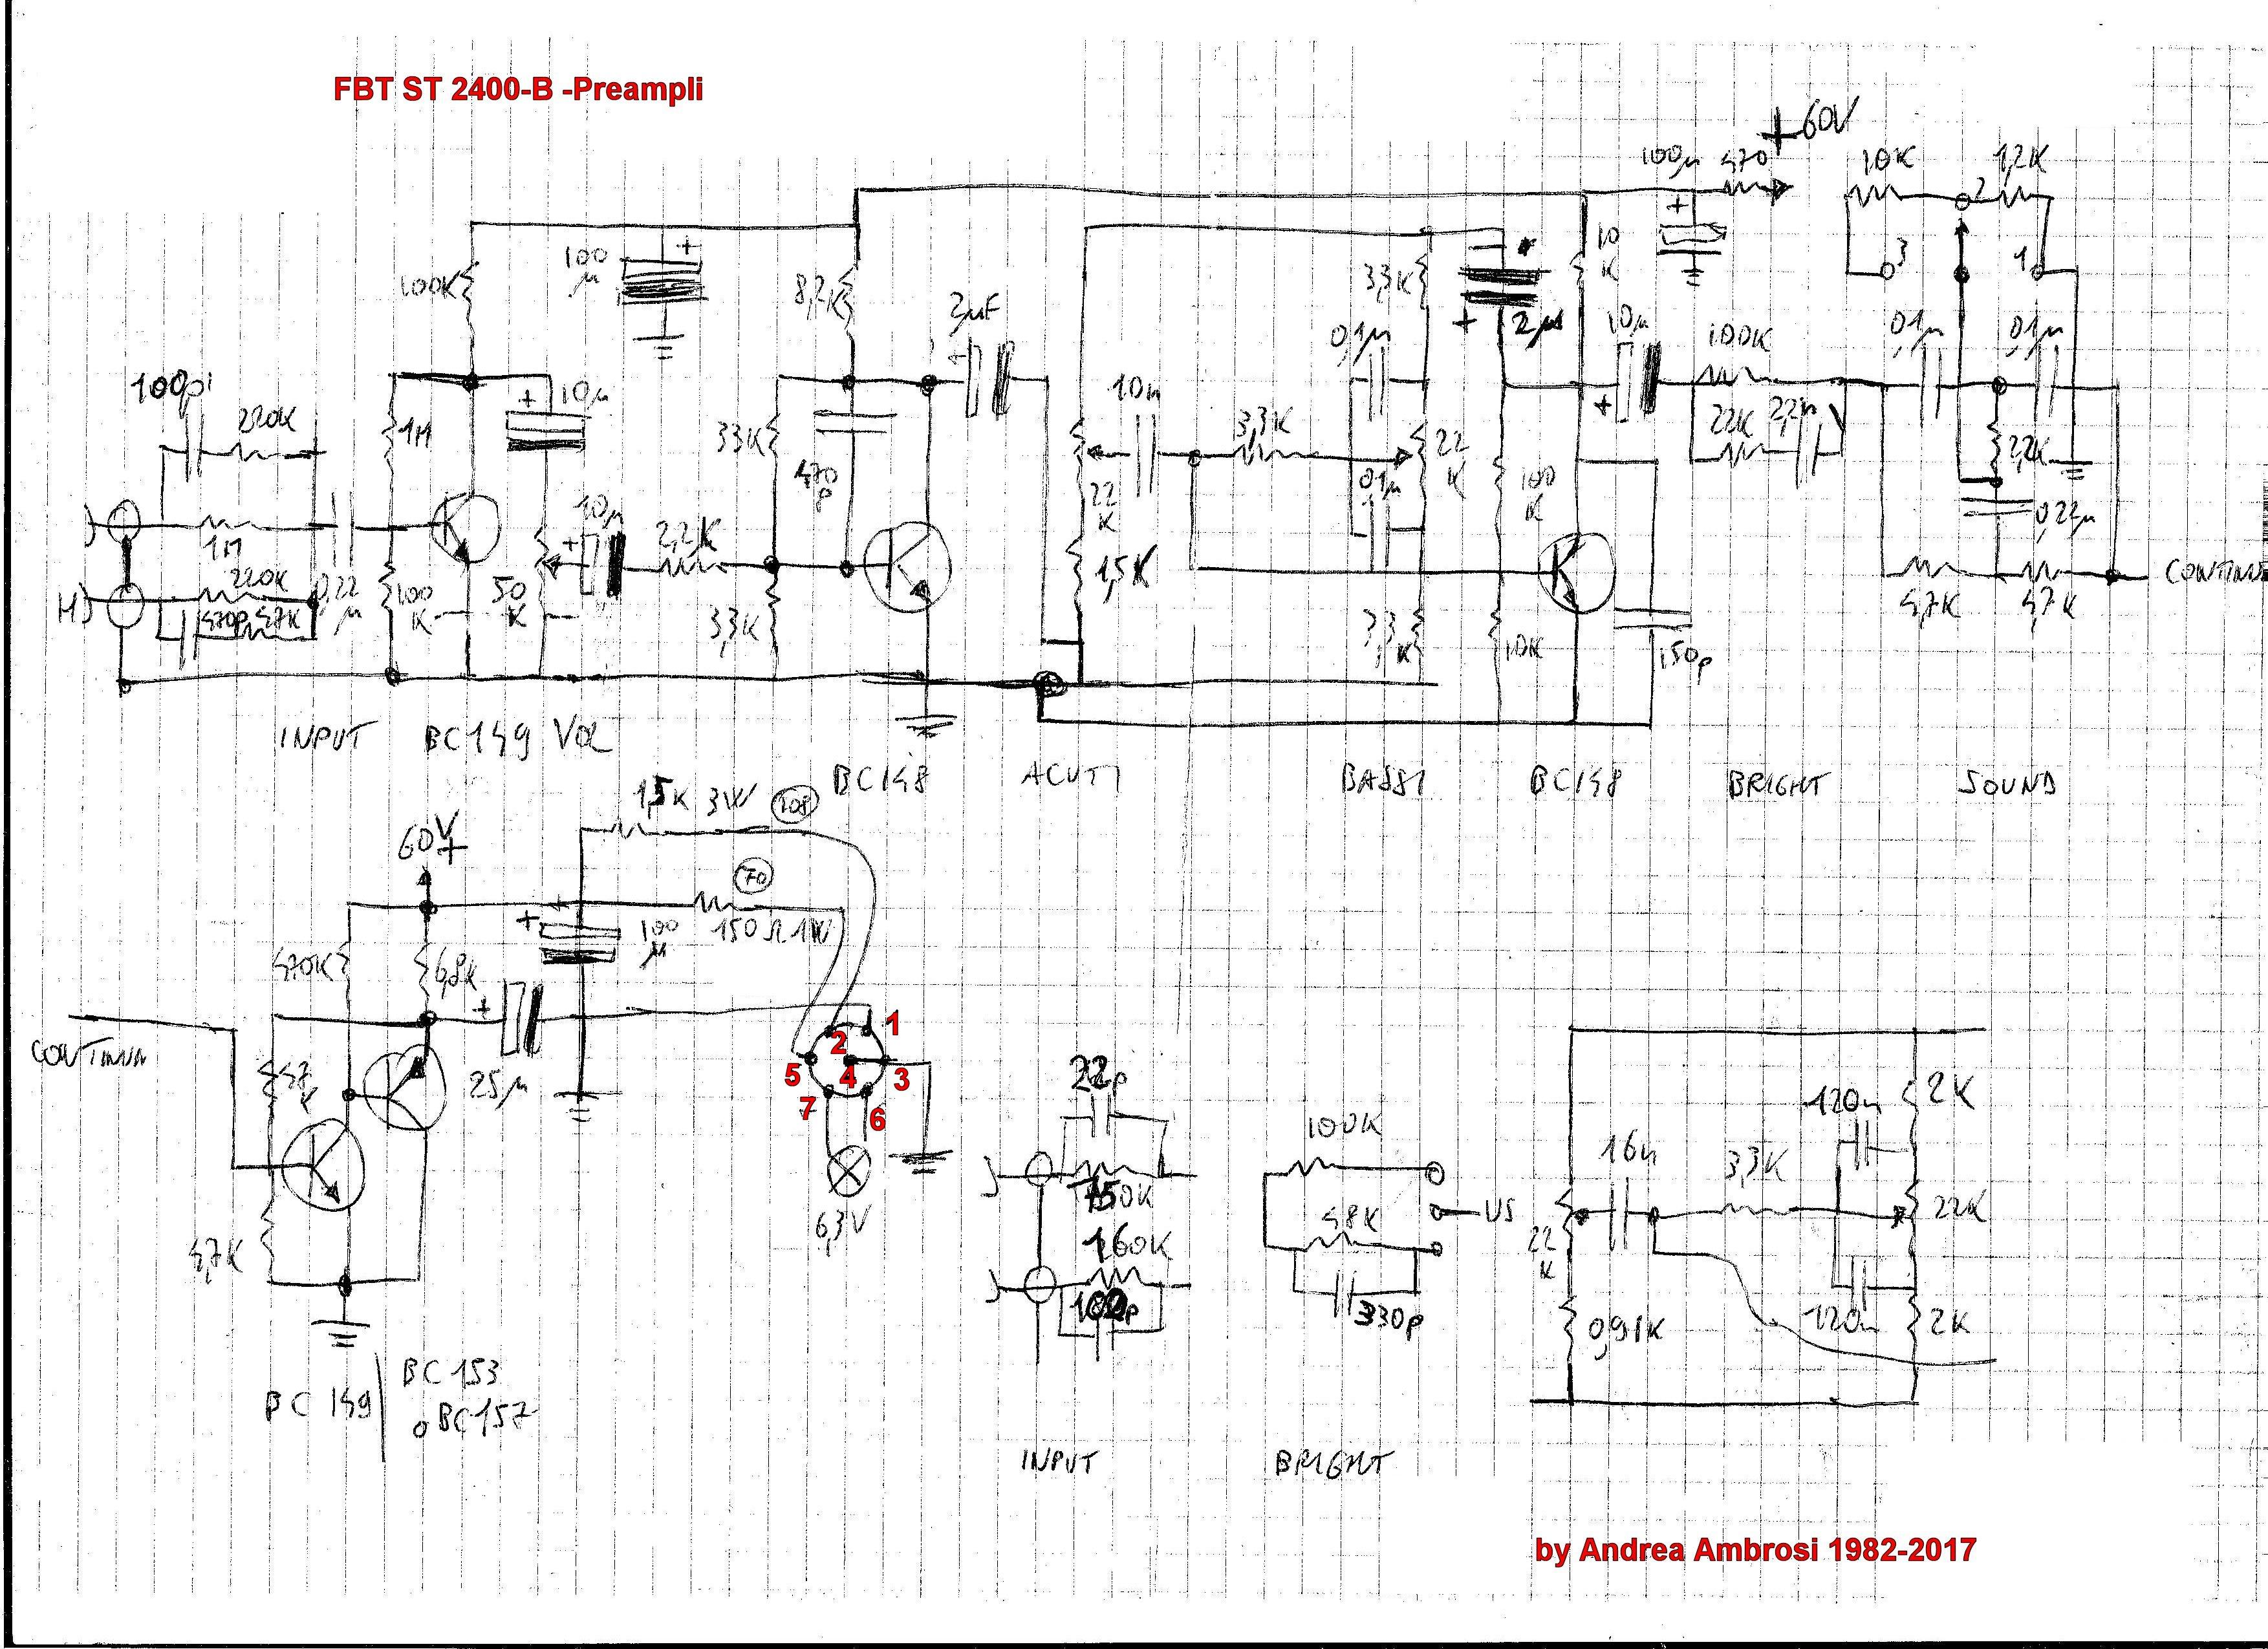 Schema Elettrico Amplificatore Per Basso : Accordo schema fbt st b per luke